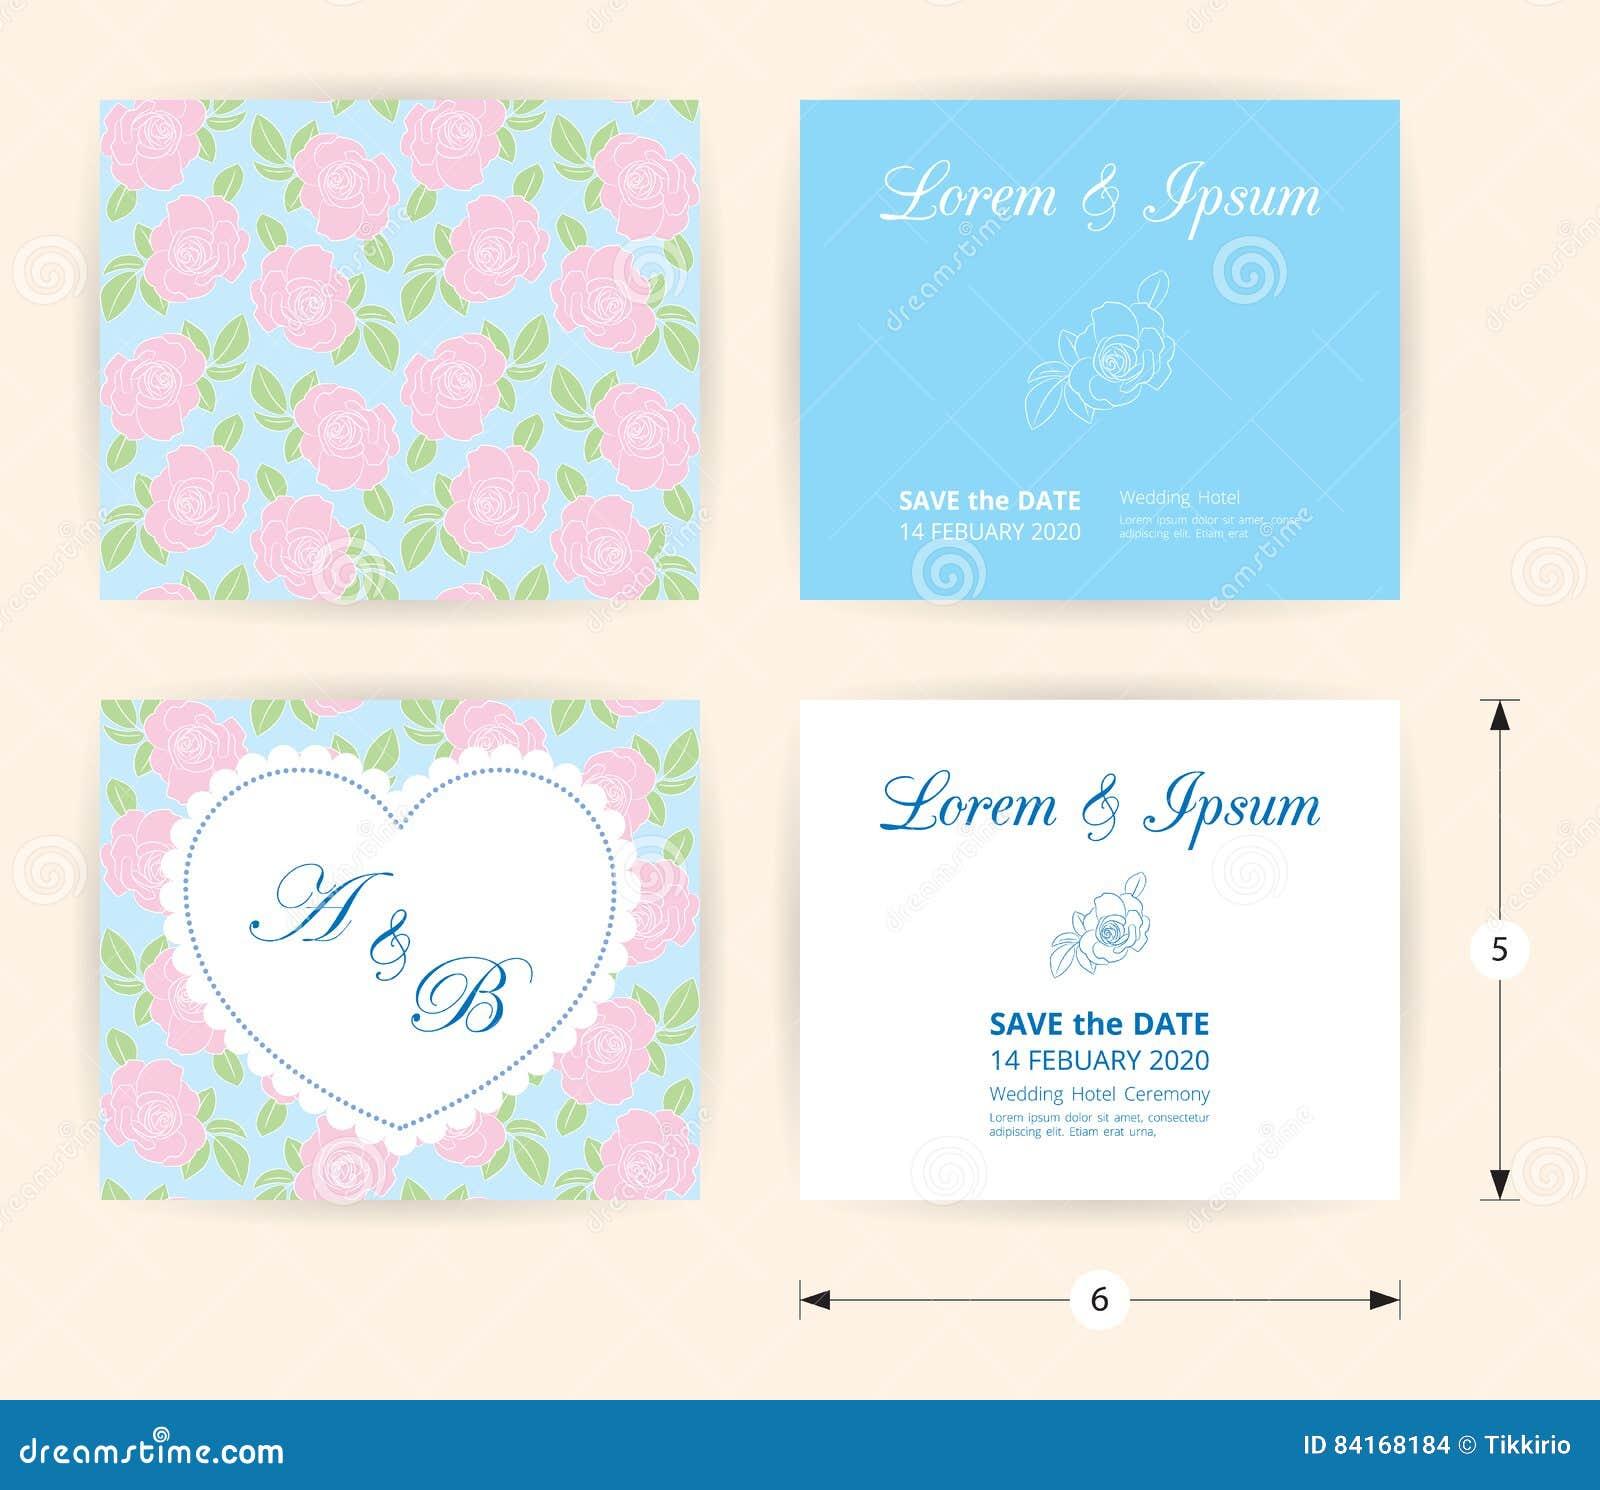 Rosa Hochzeitskarten Schablonenherzikone Weisser Namenaufkleber Auf